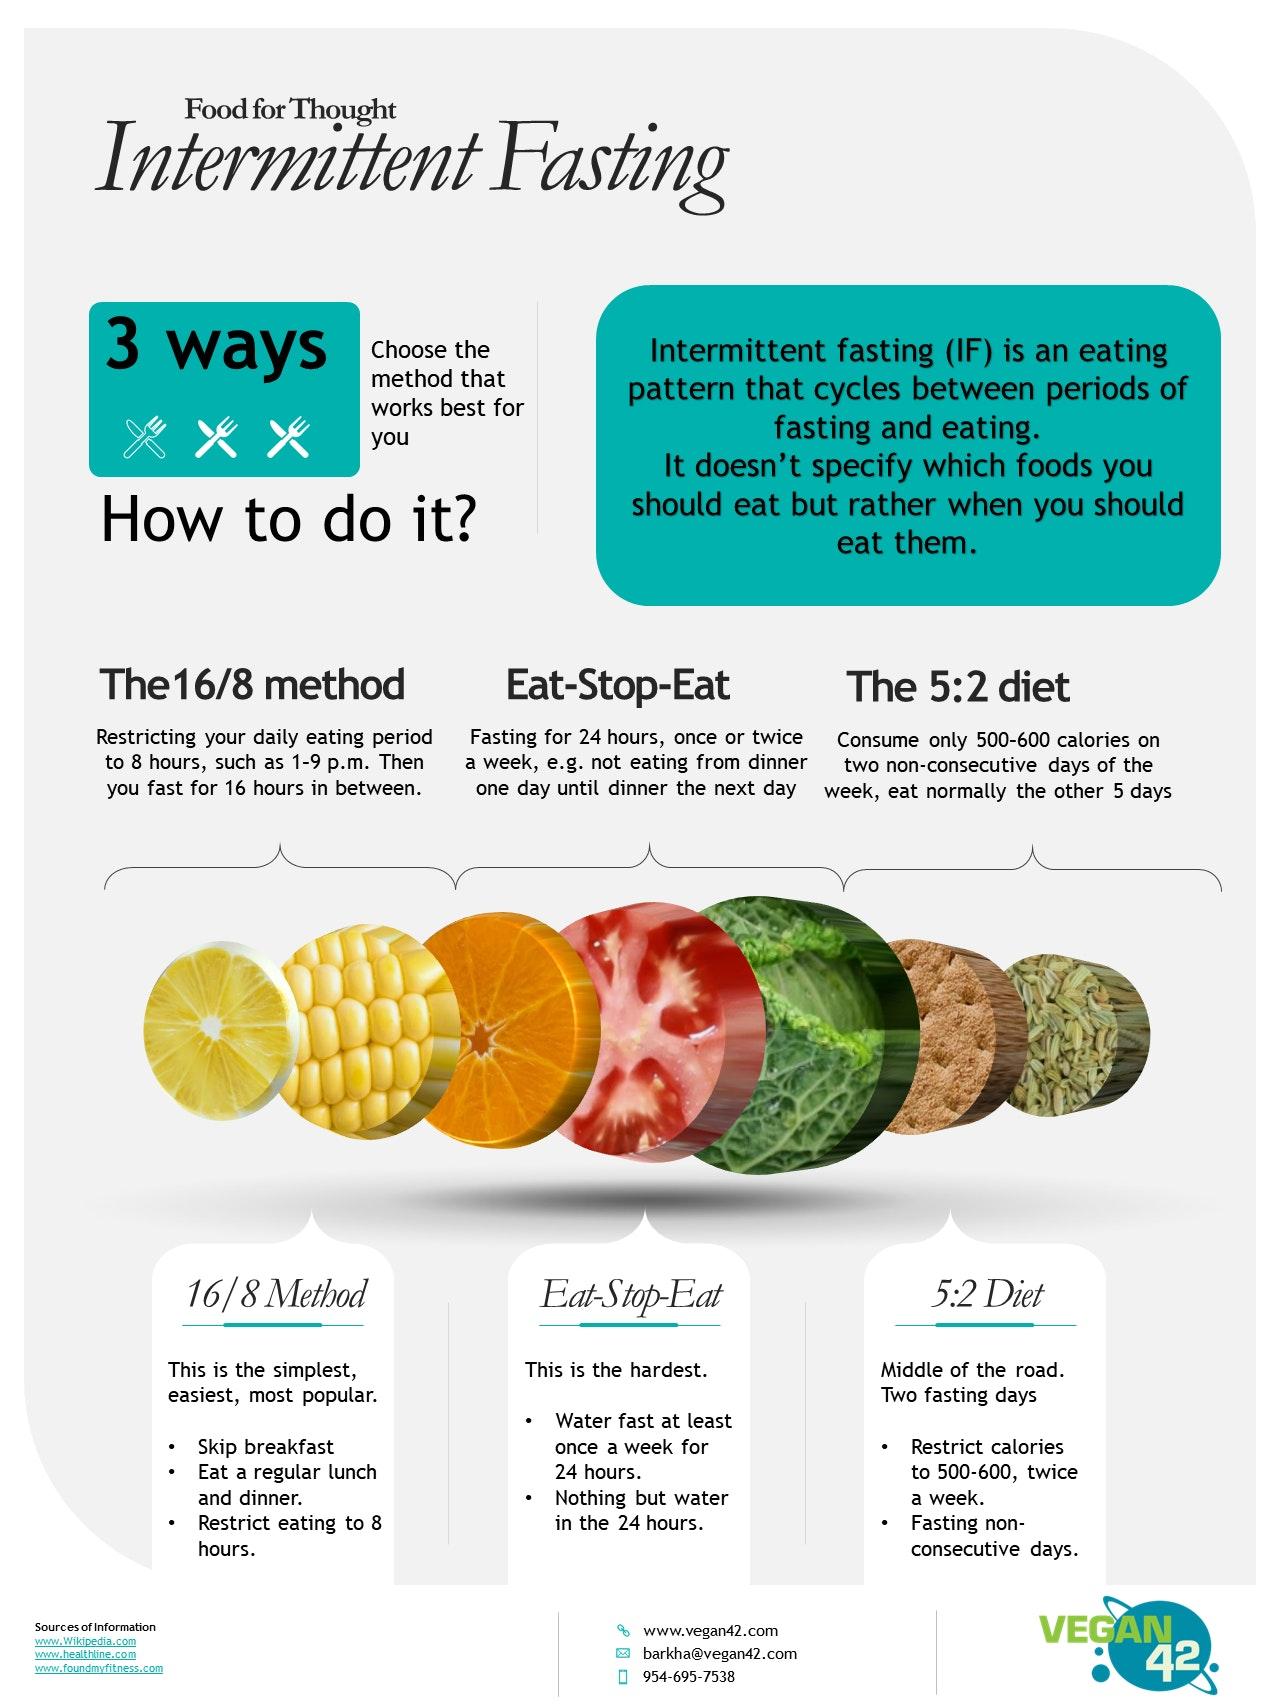 Intermittent Fasting | Vegan42